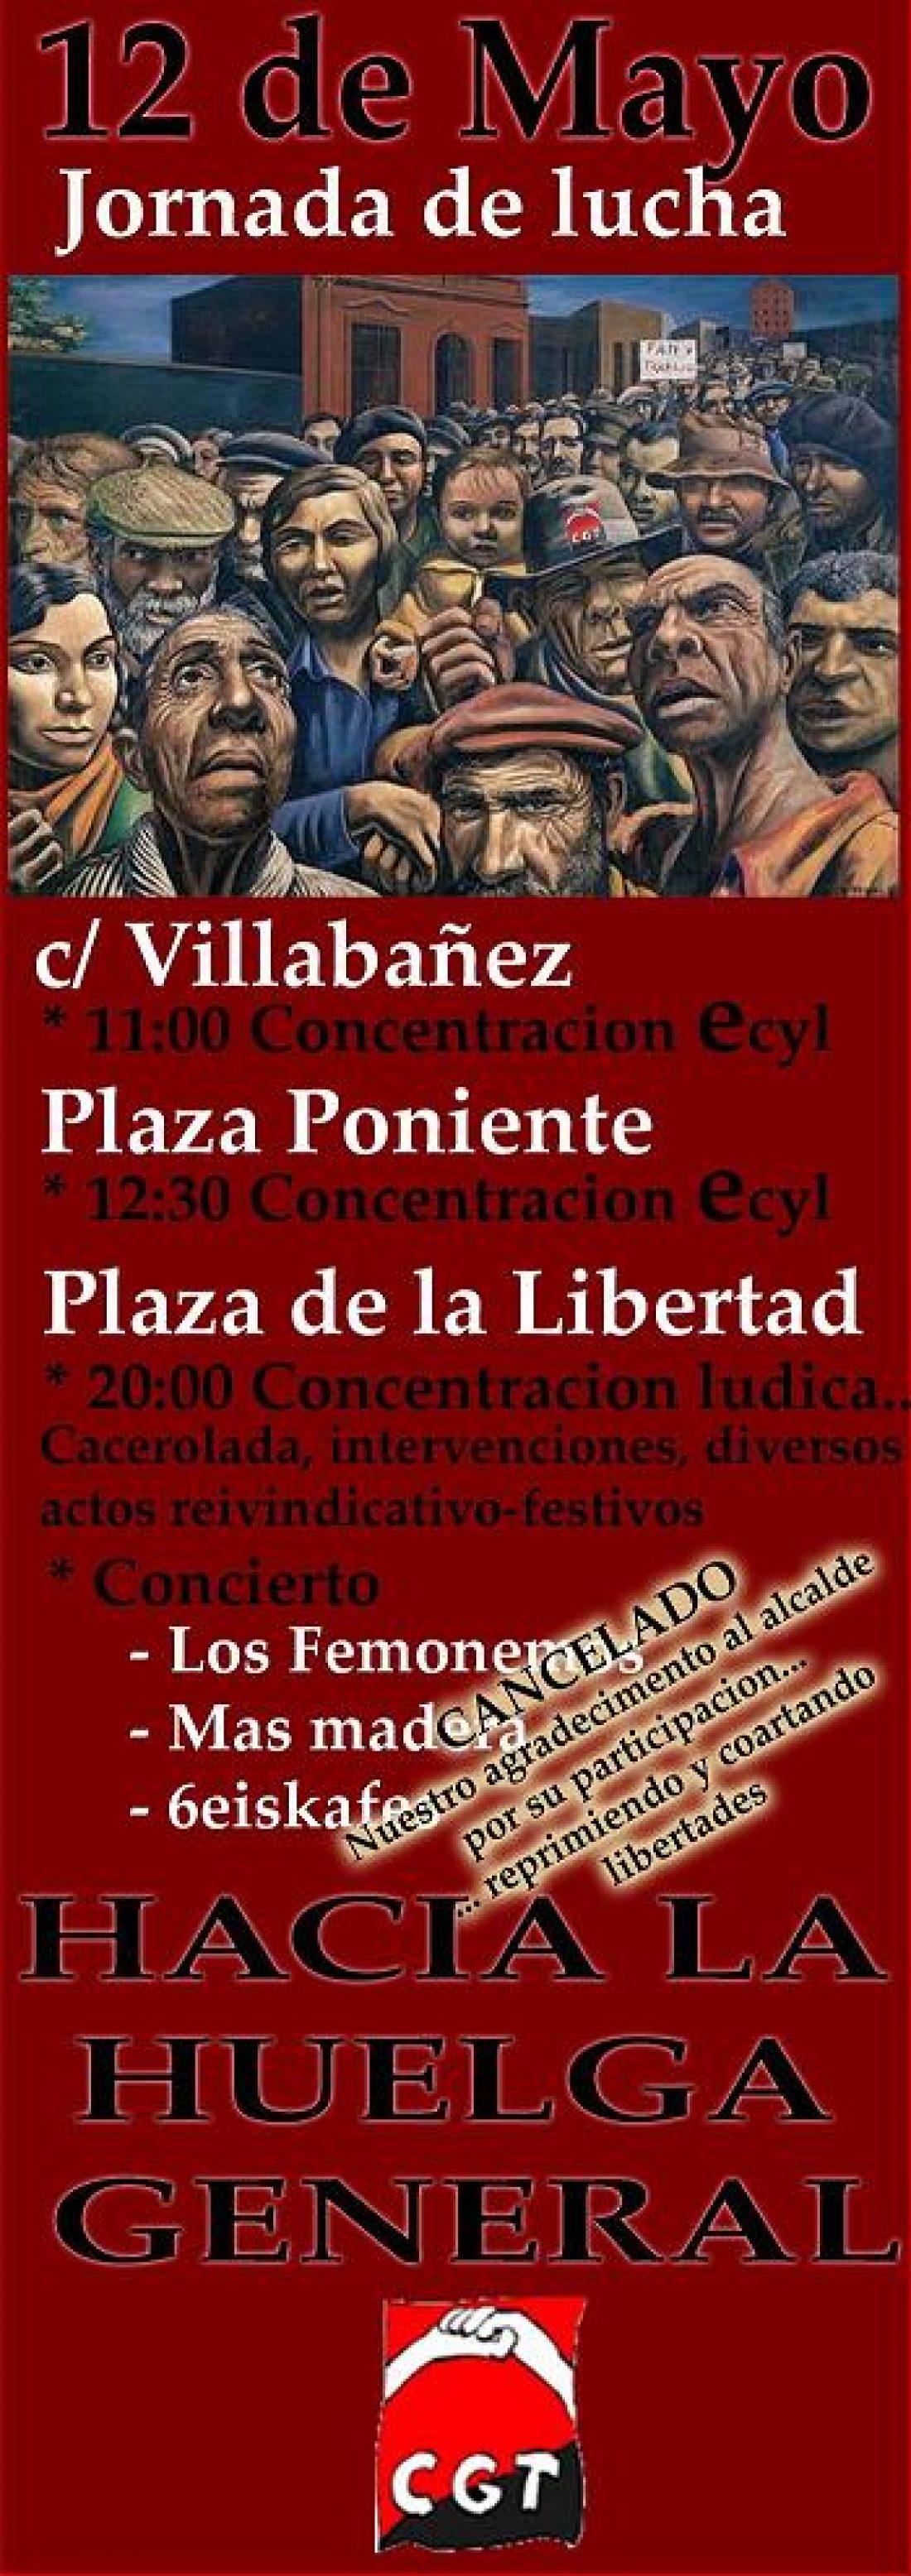 12 de Mayo: Jornada de Lucha en Valladolid